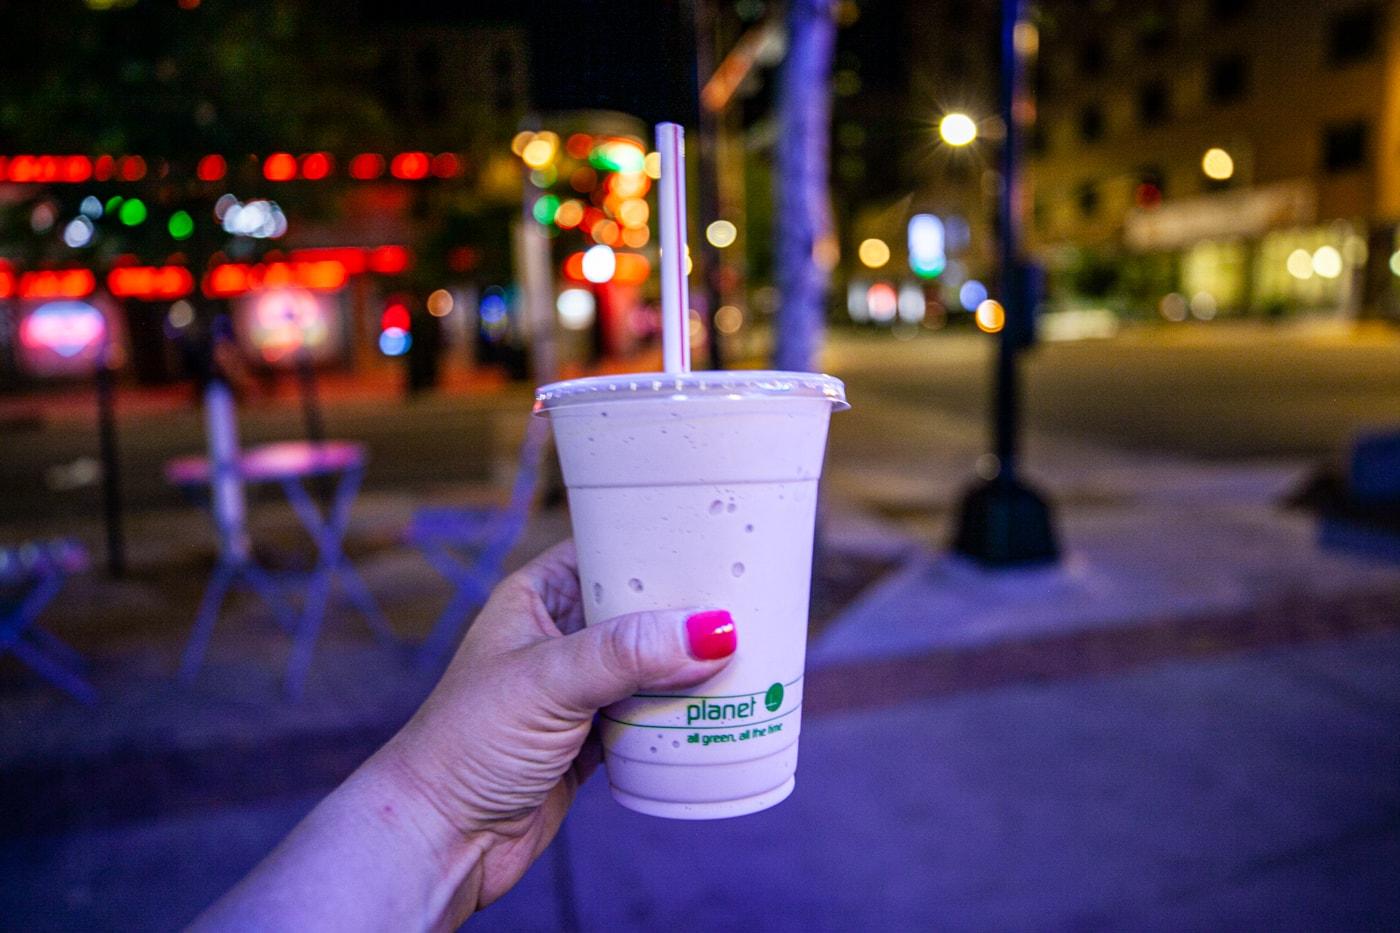 Huckleberry milkshake at Big Dipper Ice Cream in Billings, Montana.